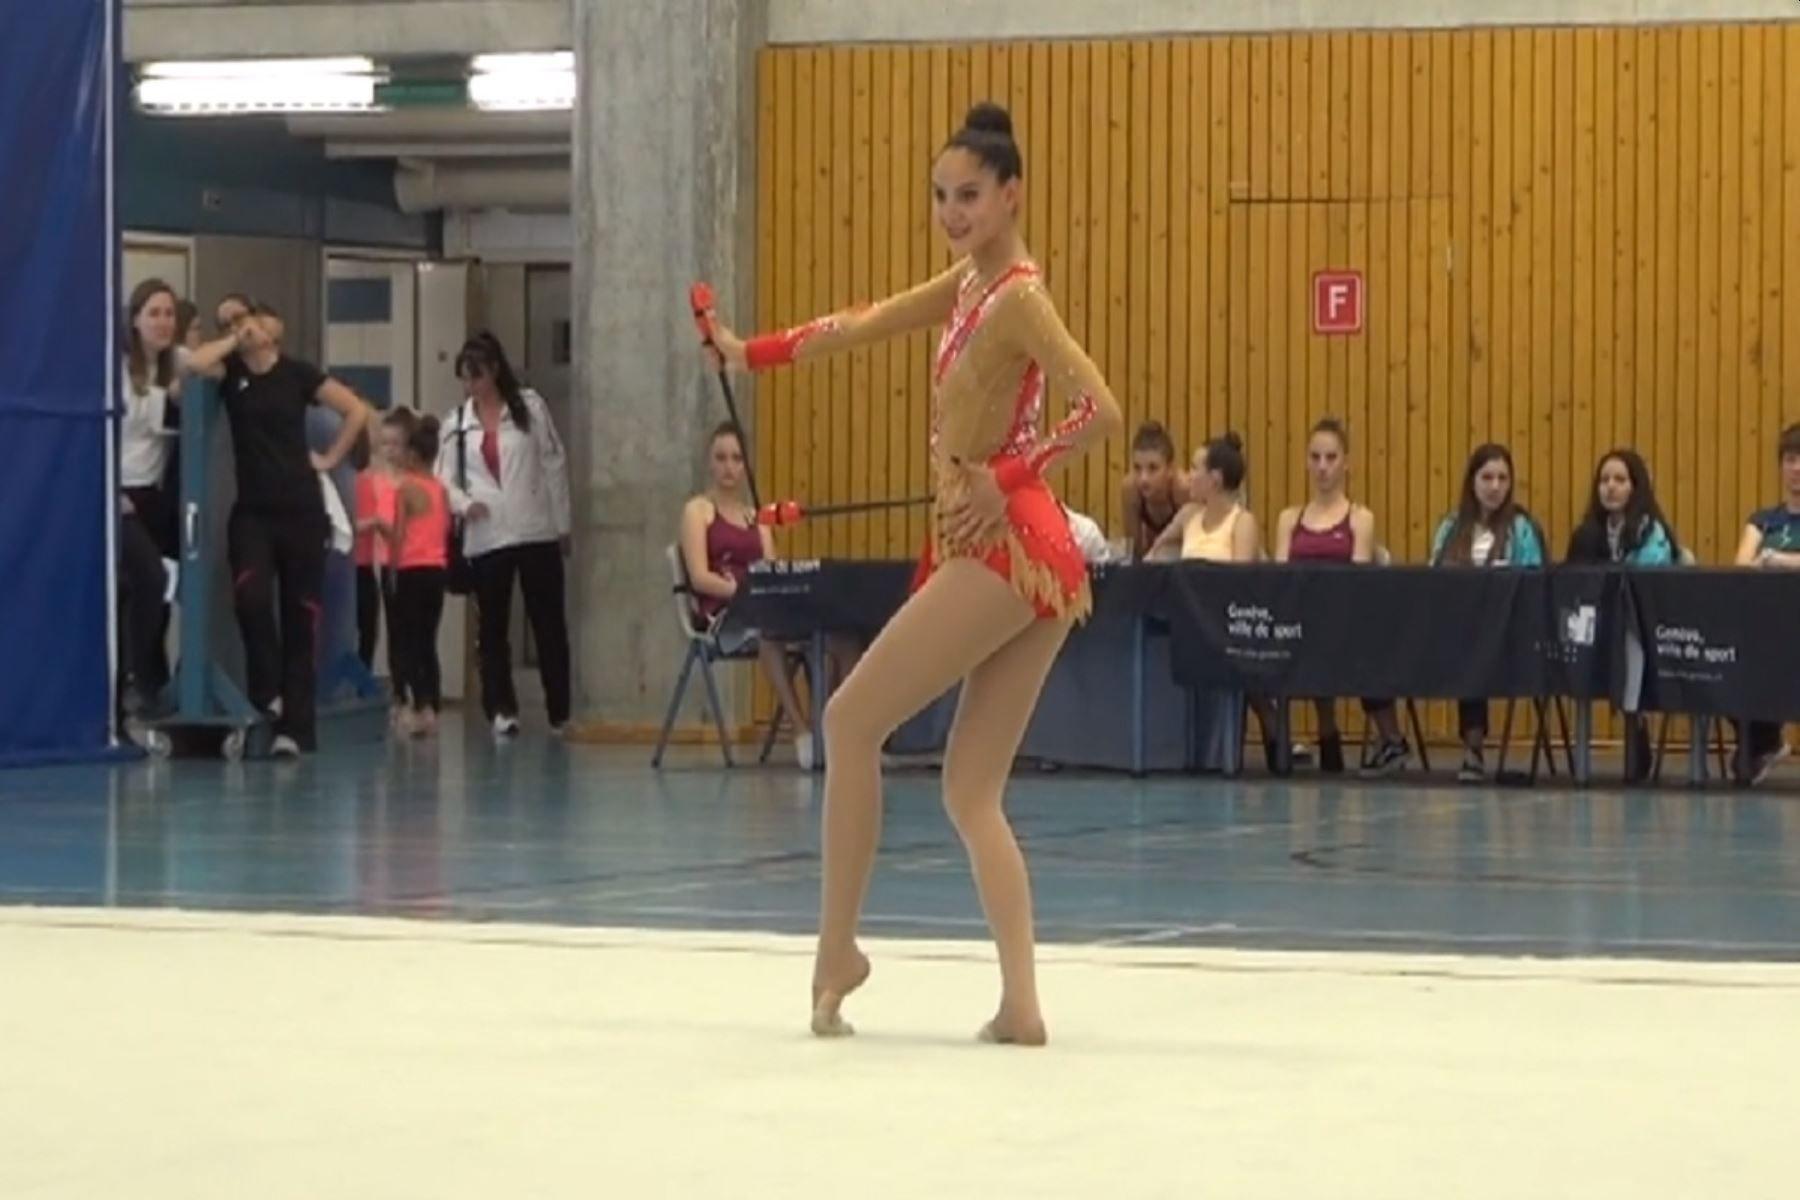 Lima 2019: Carla Corminboeuf, la gimnasta suiza que eligió representar al Perú